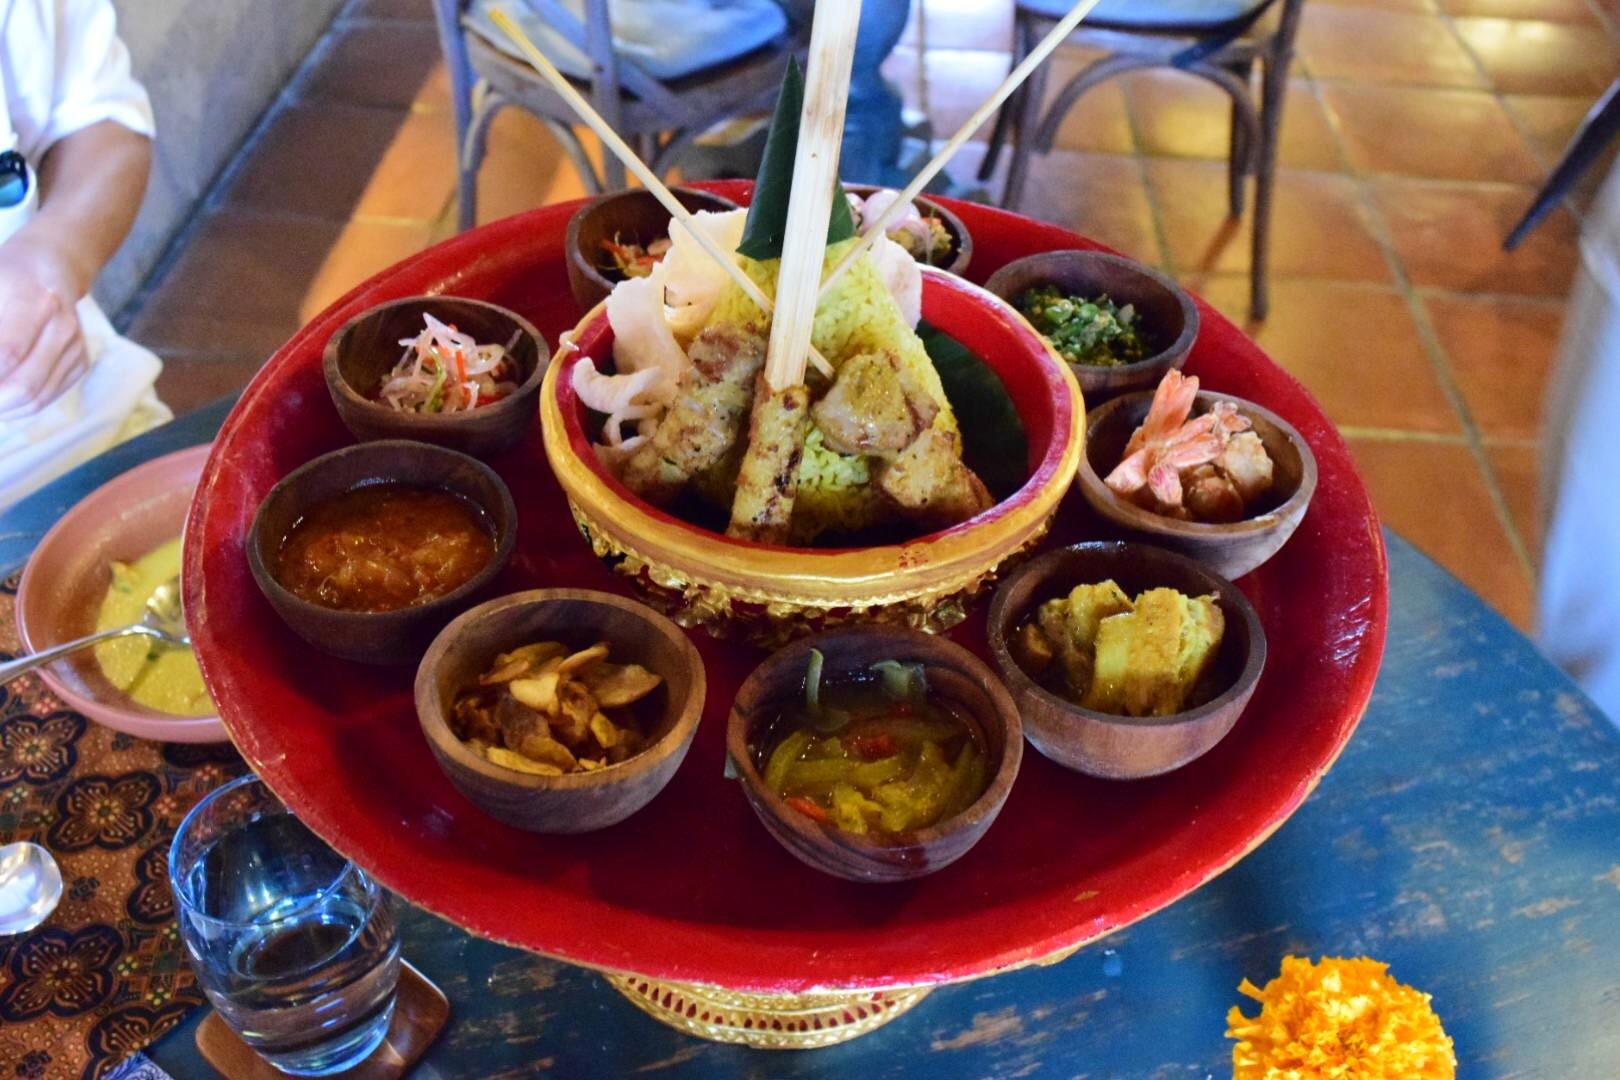 初めてのバリ旅行で利用しました。 私が利用した時はグループに1人ガイドさんと運転手がつきました。 ウブドらしい場所にたくさん連れて行ってもらえます。ガイドさんも写真をたくさん撮ってもらえます。 個人的に良かったのが、棚田を見ながらのご飯とウブド市場と夕食。夕食はお洒落で雰囲気がいいところで豪華なインドネシア料理がいただけます。 王道な三大寺院はツアーに入っていないため行けなかったのが少しだけ心残りでした。